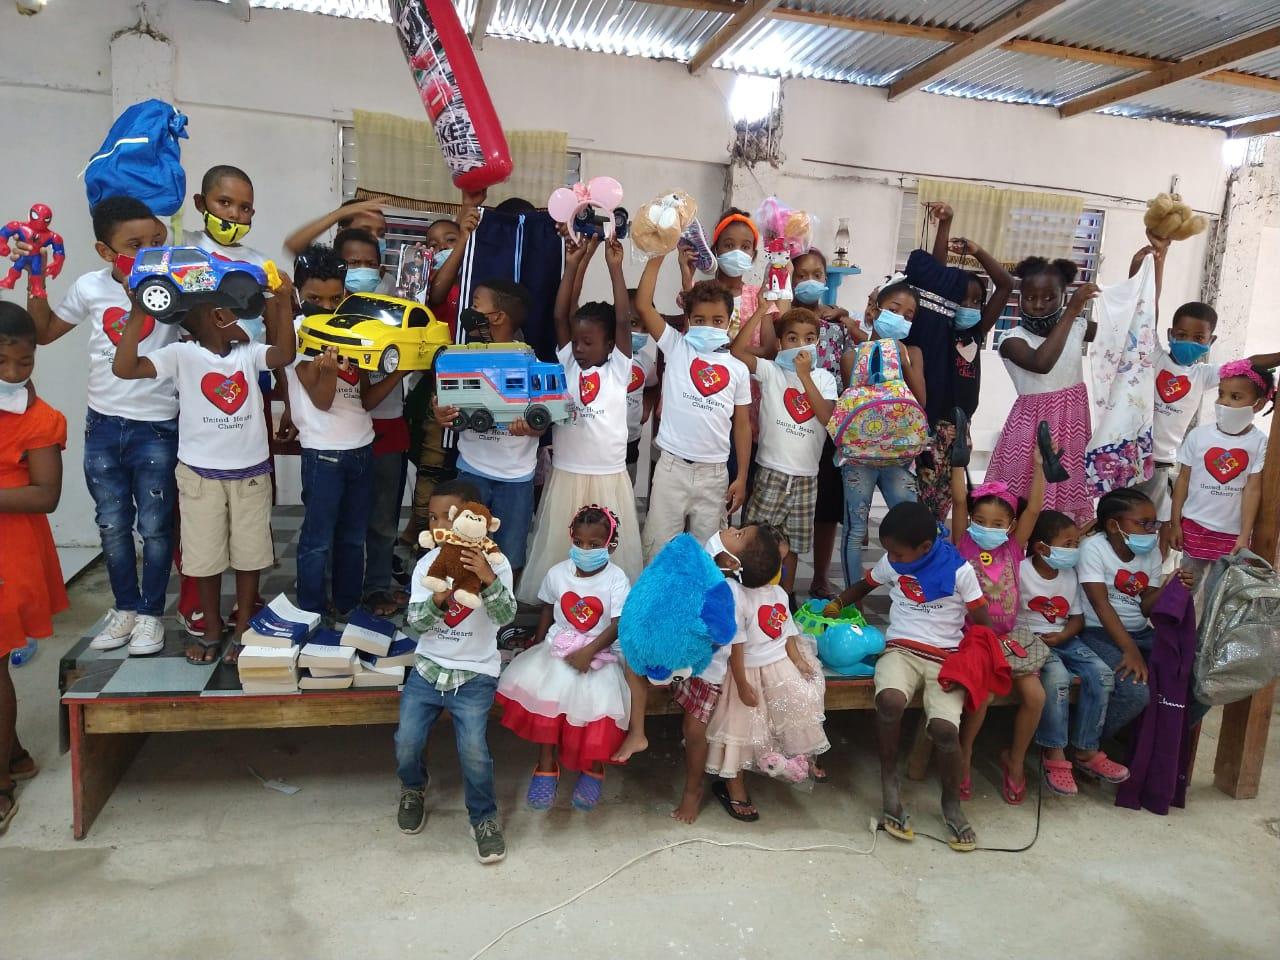 Missionária brasileira coordena trabalho humanitário com crianças da República Dominicana